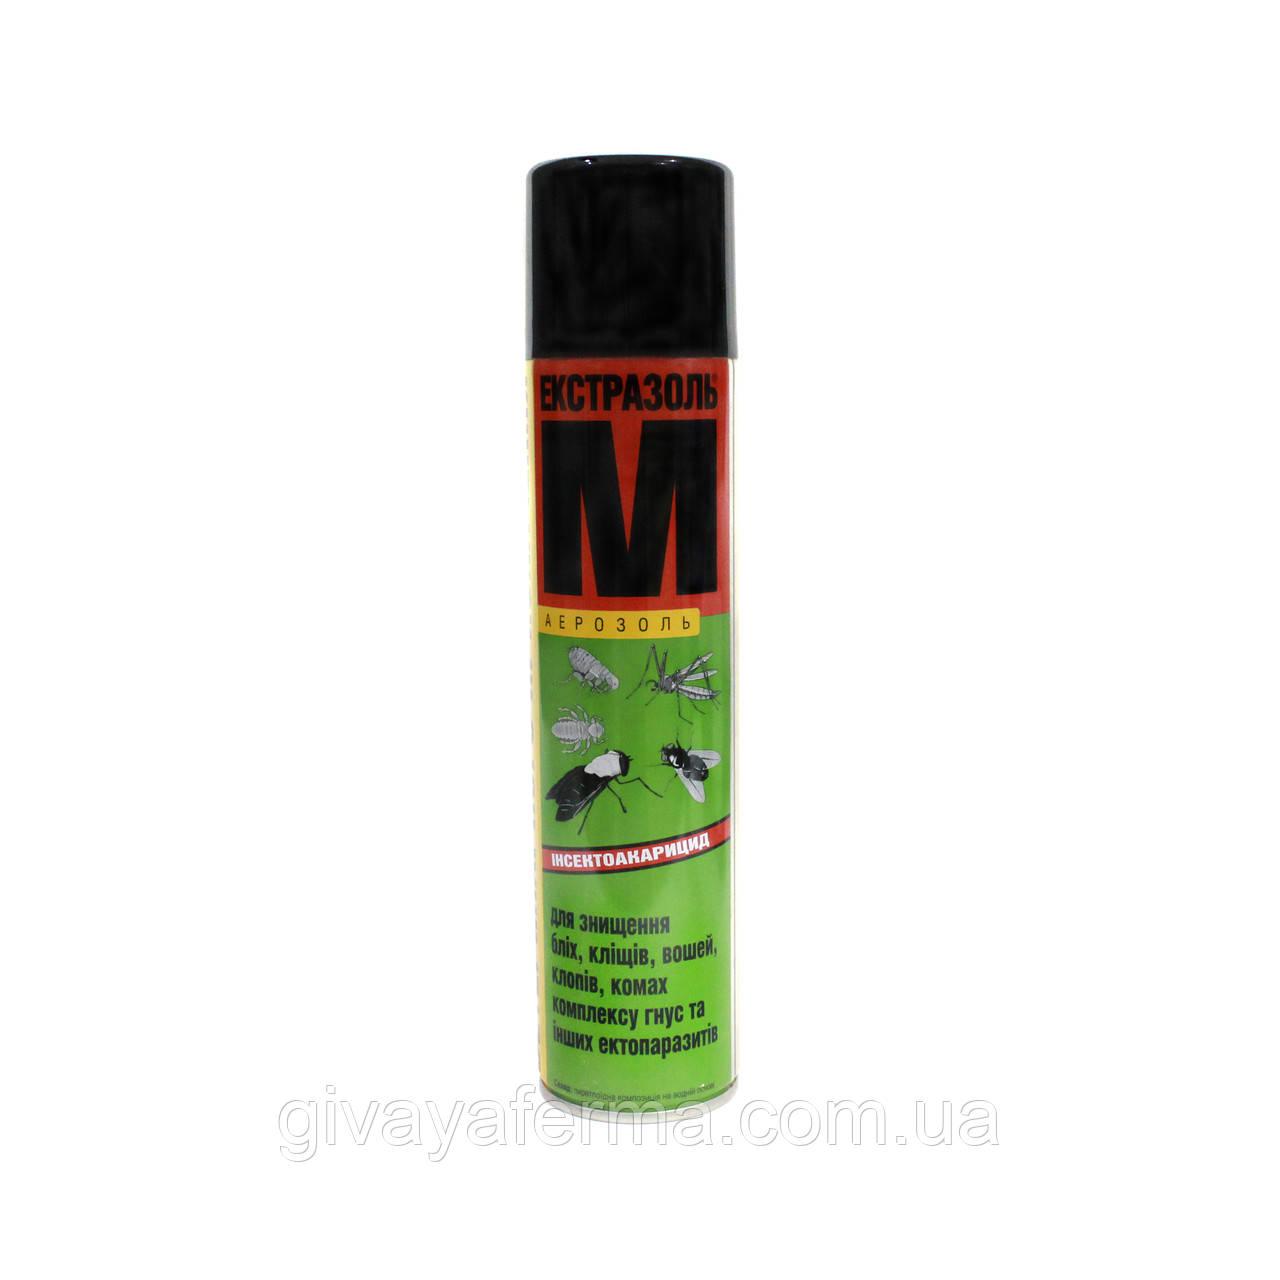 Экстразоль М 300 мл, спрей, от блох и насекомых для животных и птиц